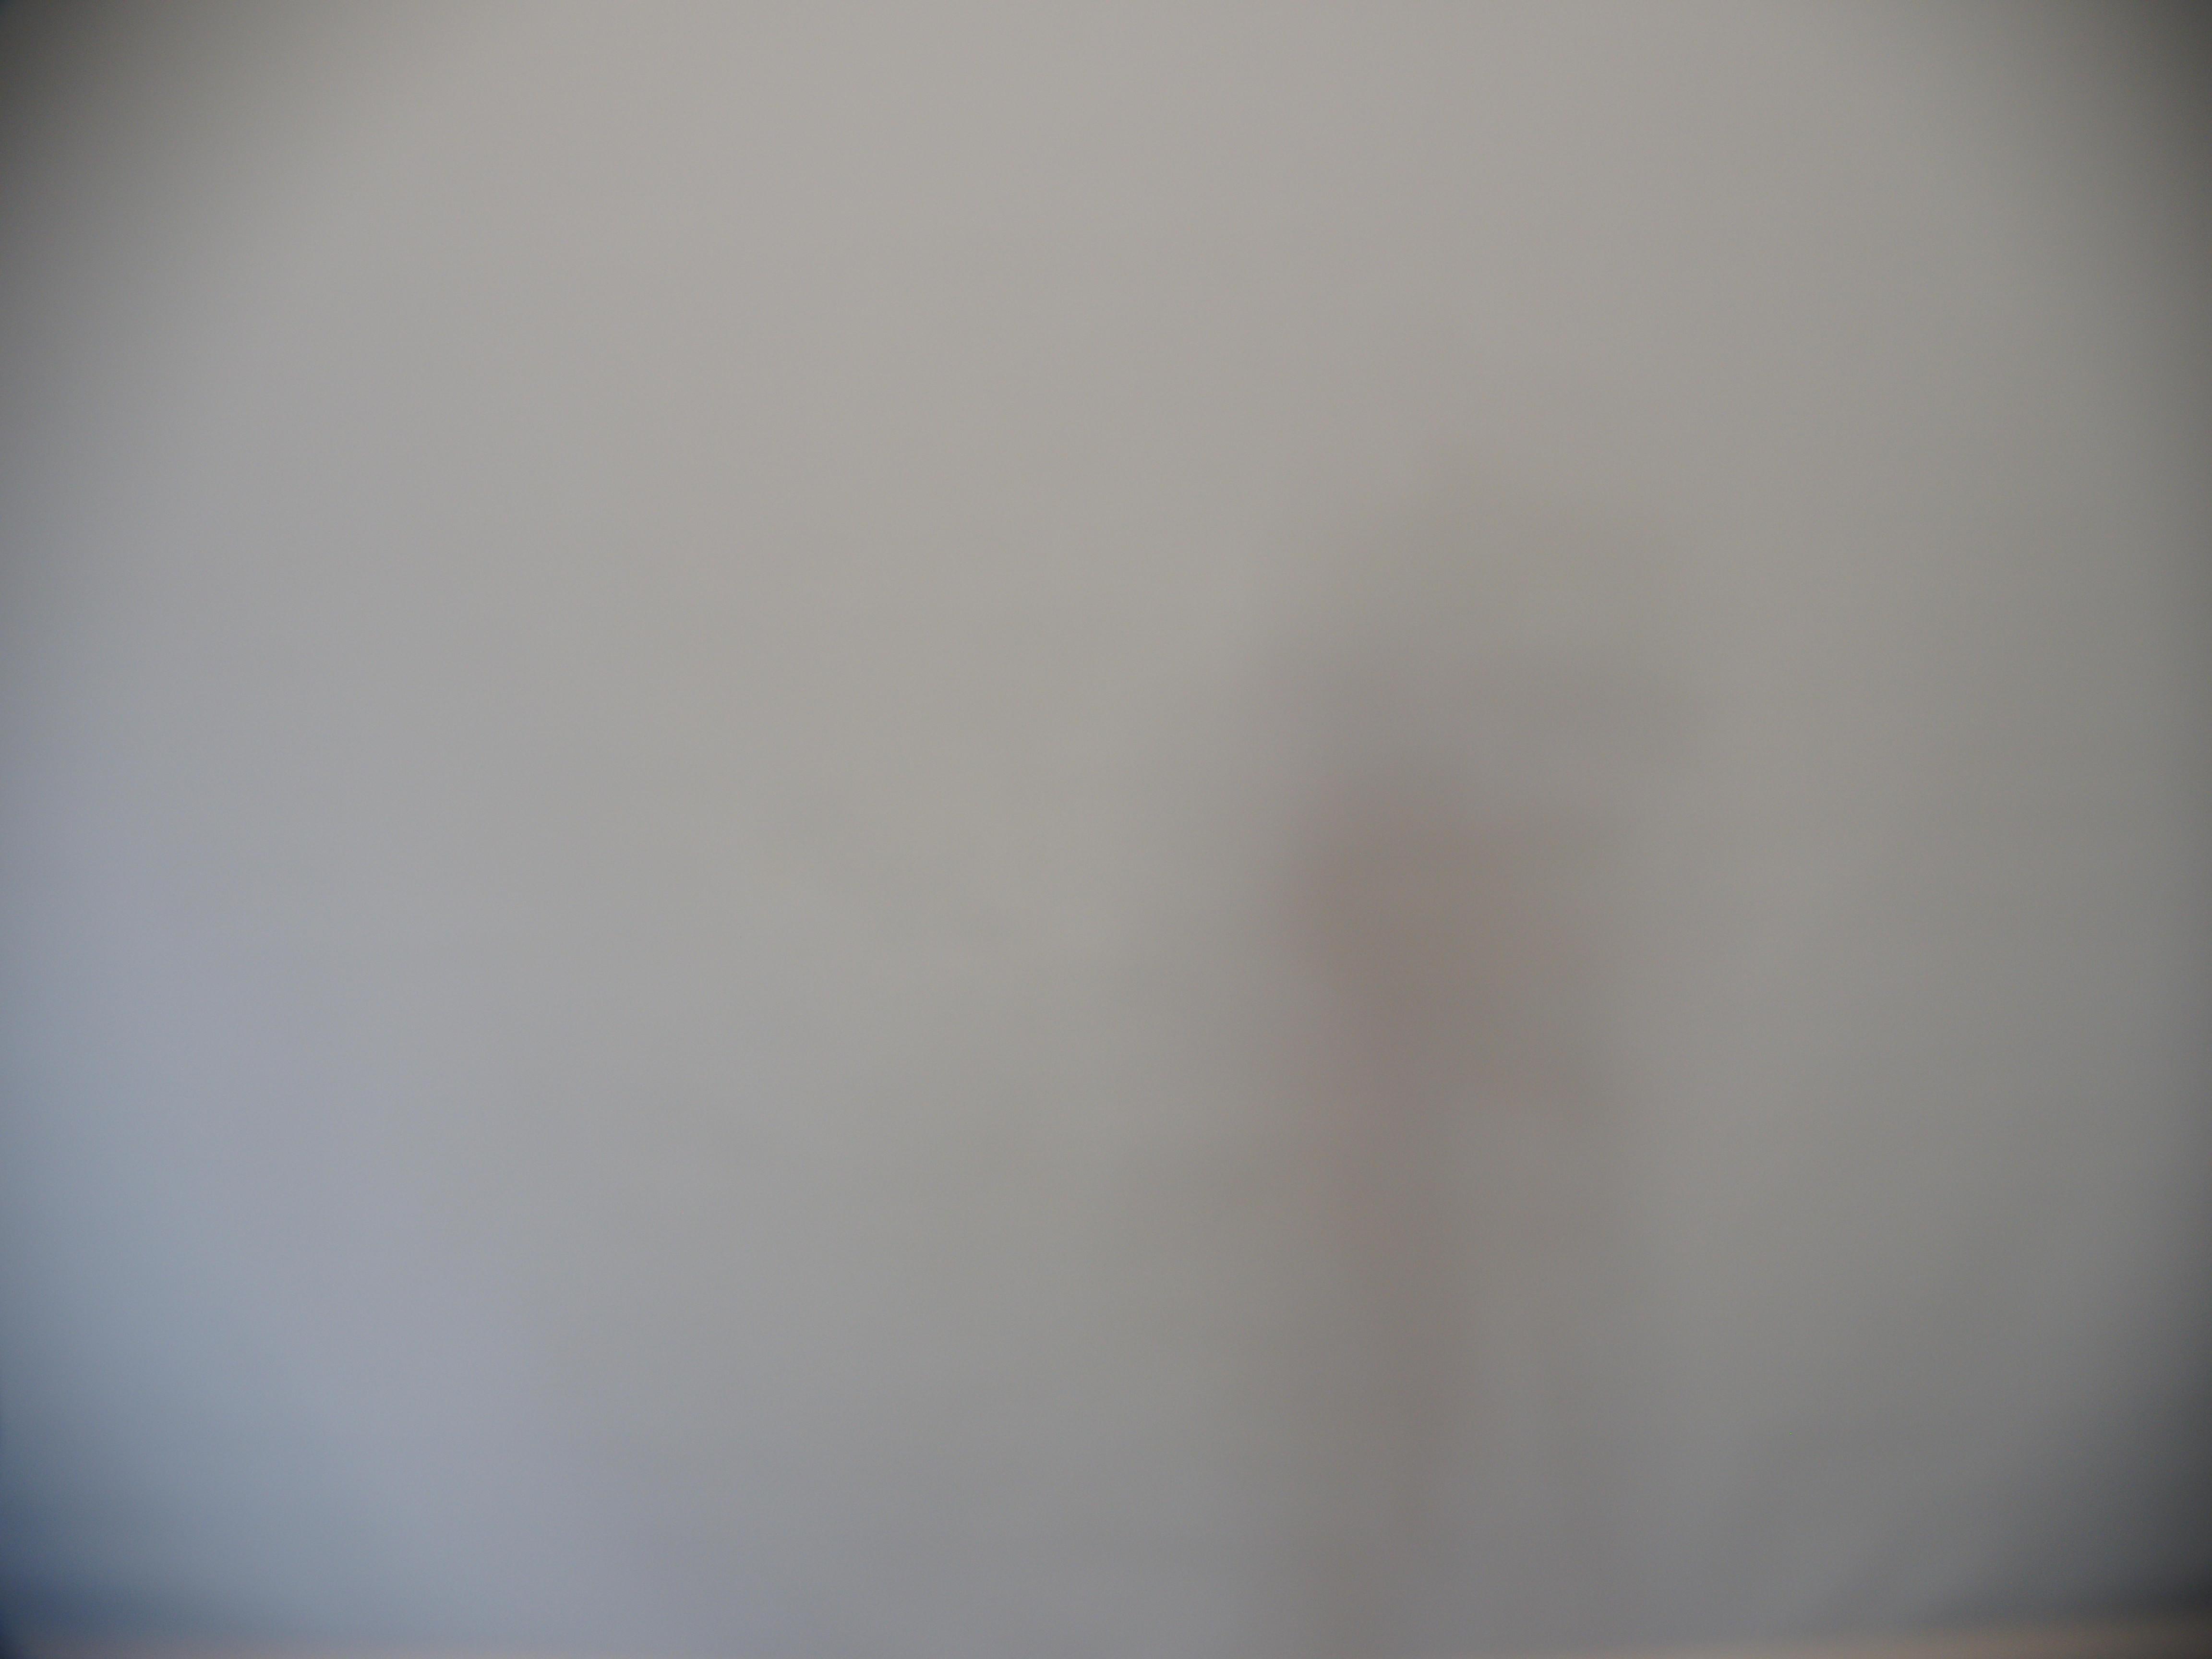 12-100-12-JPEG.jpeg